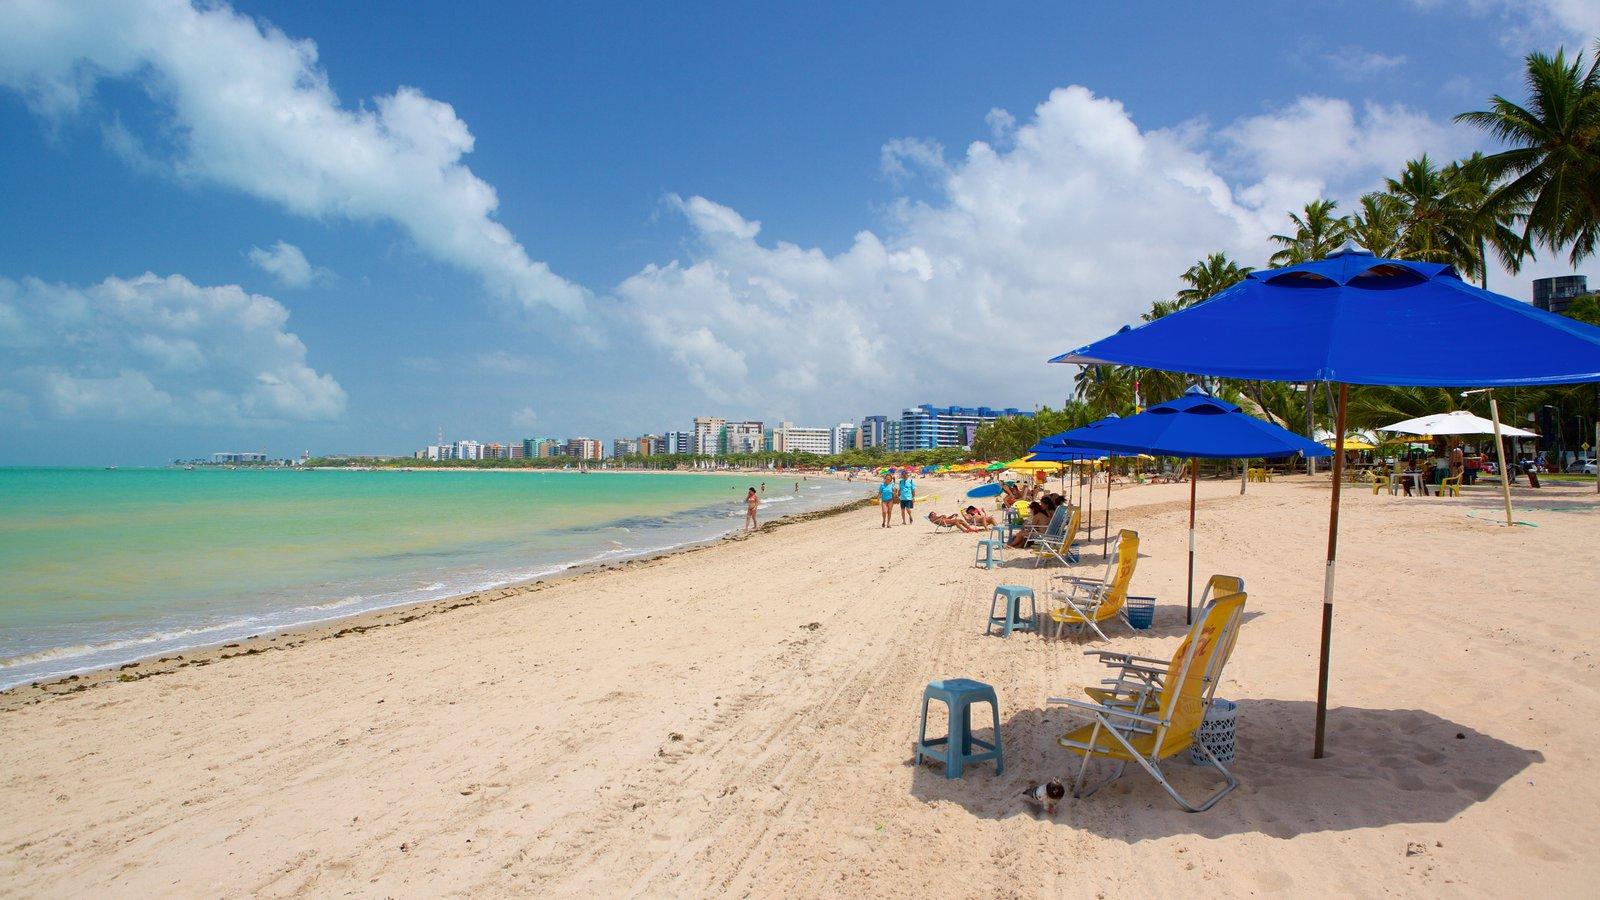 Praia de Pajuçara caracterizando uma praia, paisagens litorâneas e uma cidade litorânea